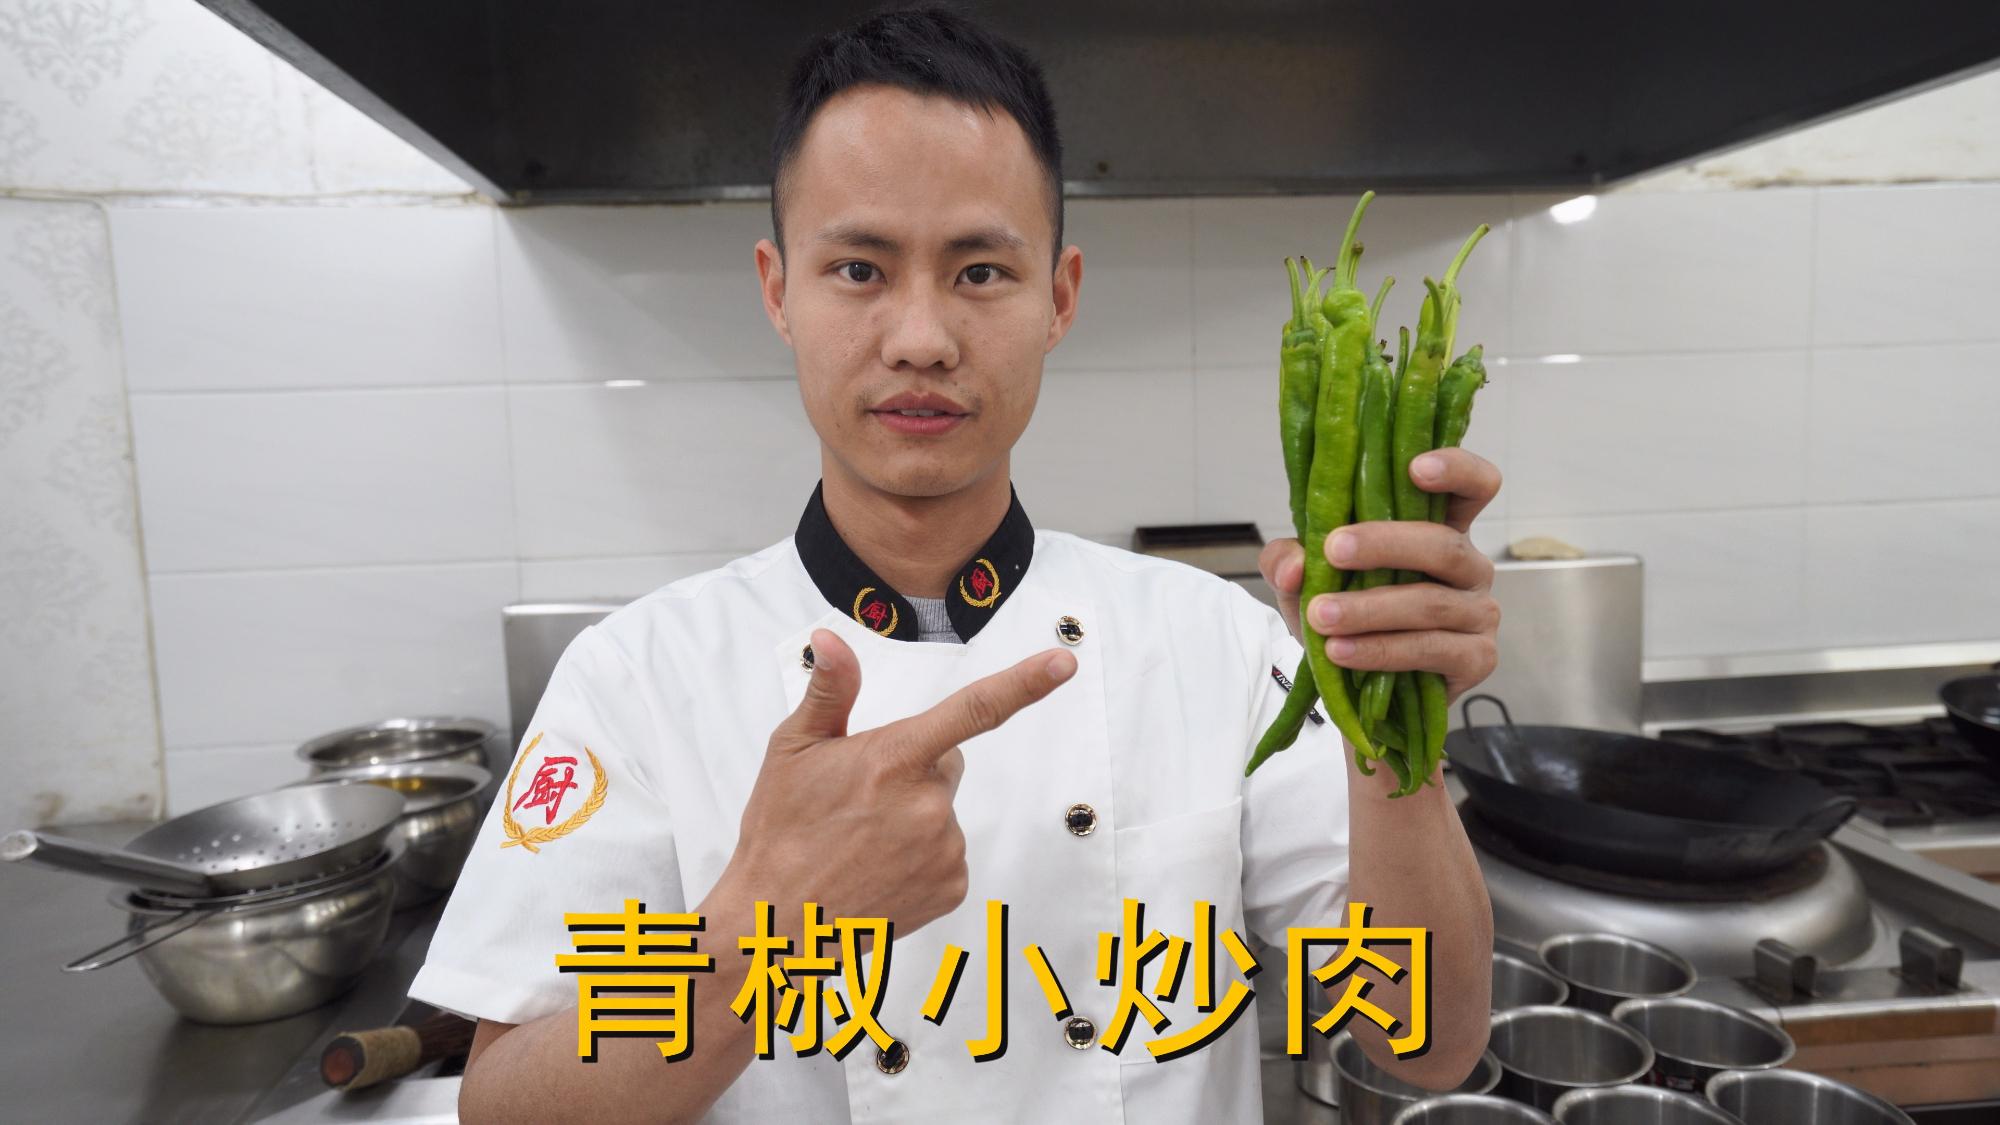 """厨师长教你:""""小炒肉""""的家常做法,家常味很浓郁,先收藏起来"""